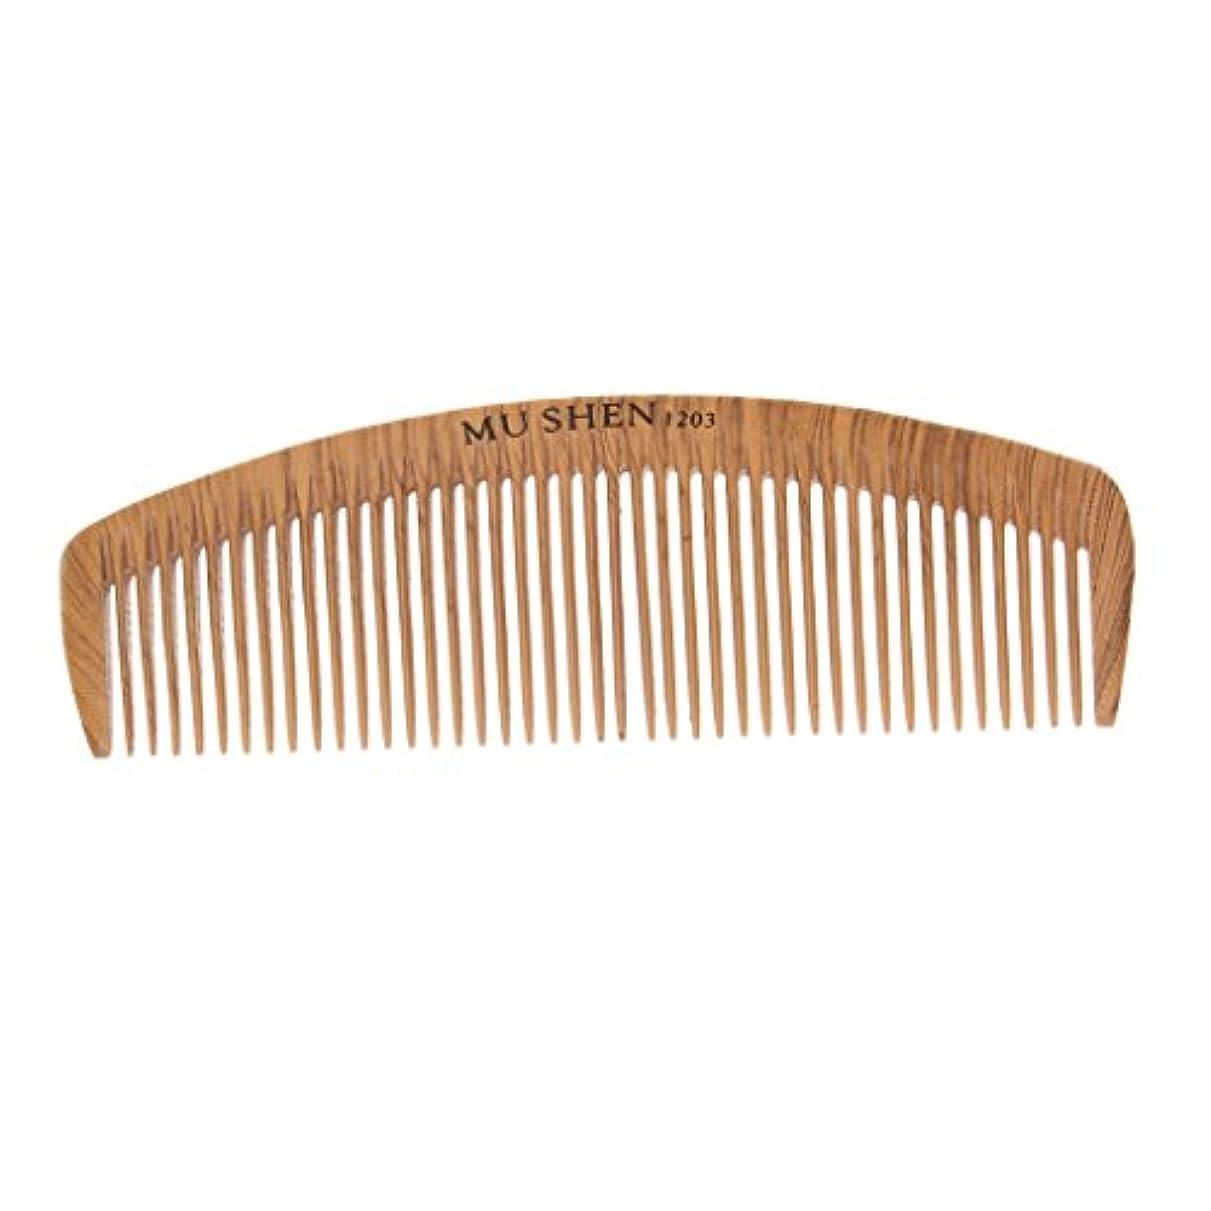 パフシール大量帯電防止ウッドサロン床屋ヘアスタイリング理髪切削くしヘアブラシ - 1203